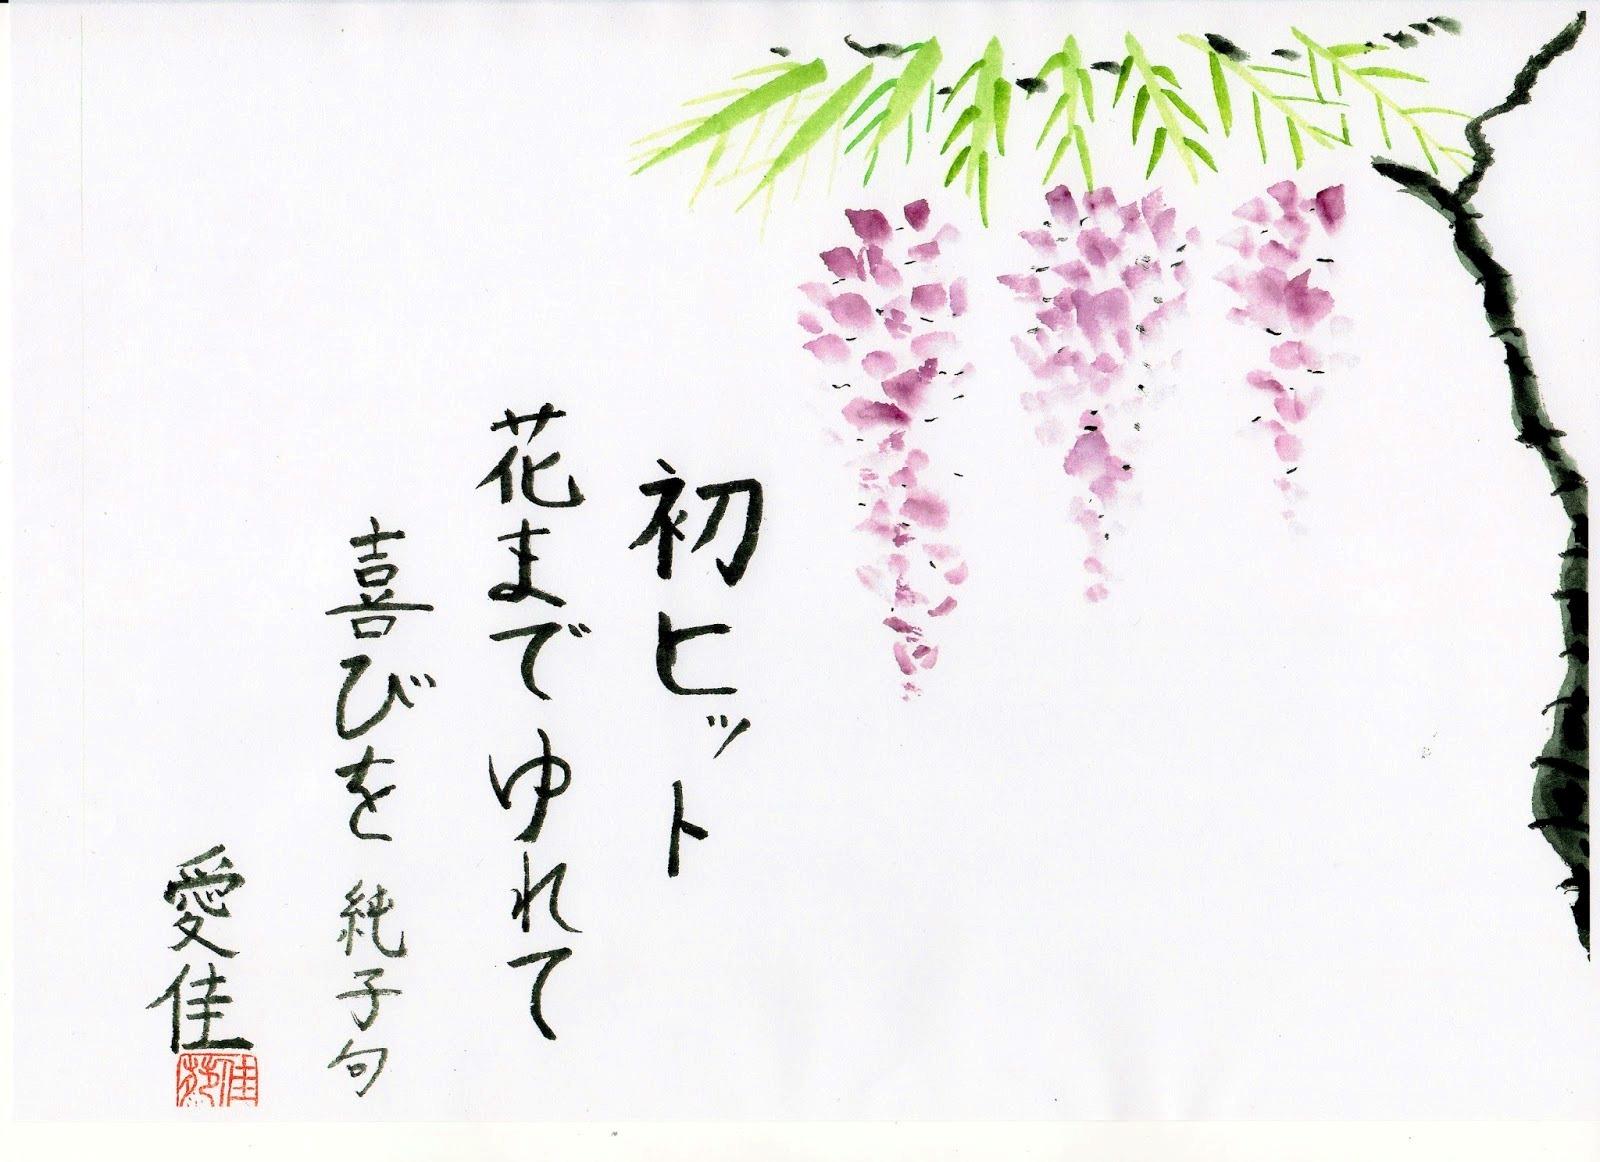 12 японских слов, которые невозможно перевести